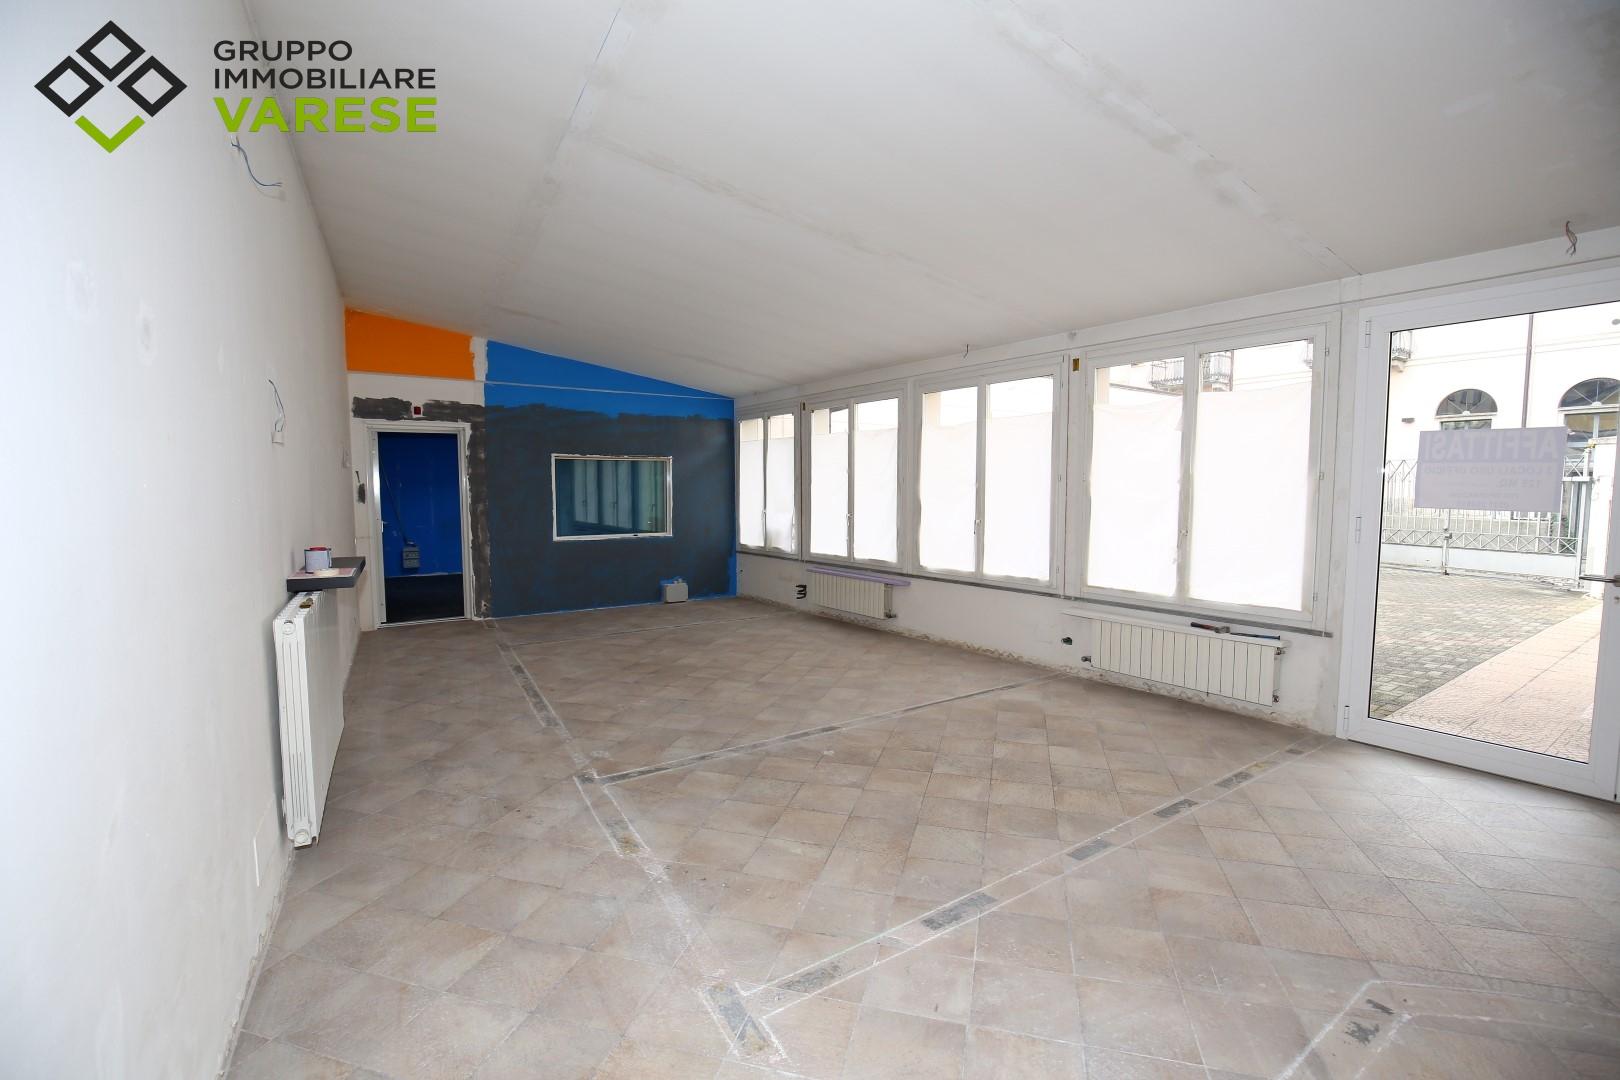 Studio Ufficio In Affitto A Varese Cod 0096b